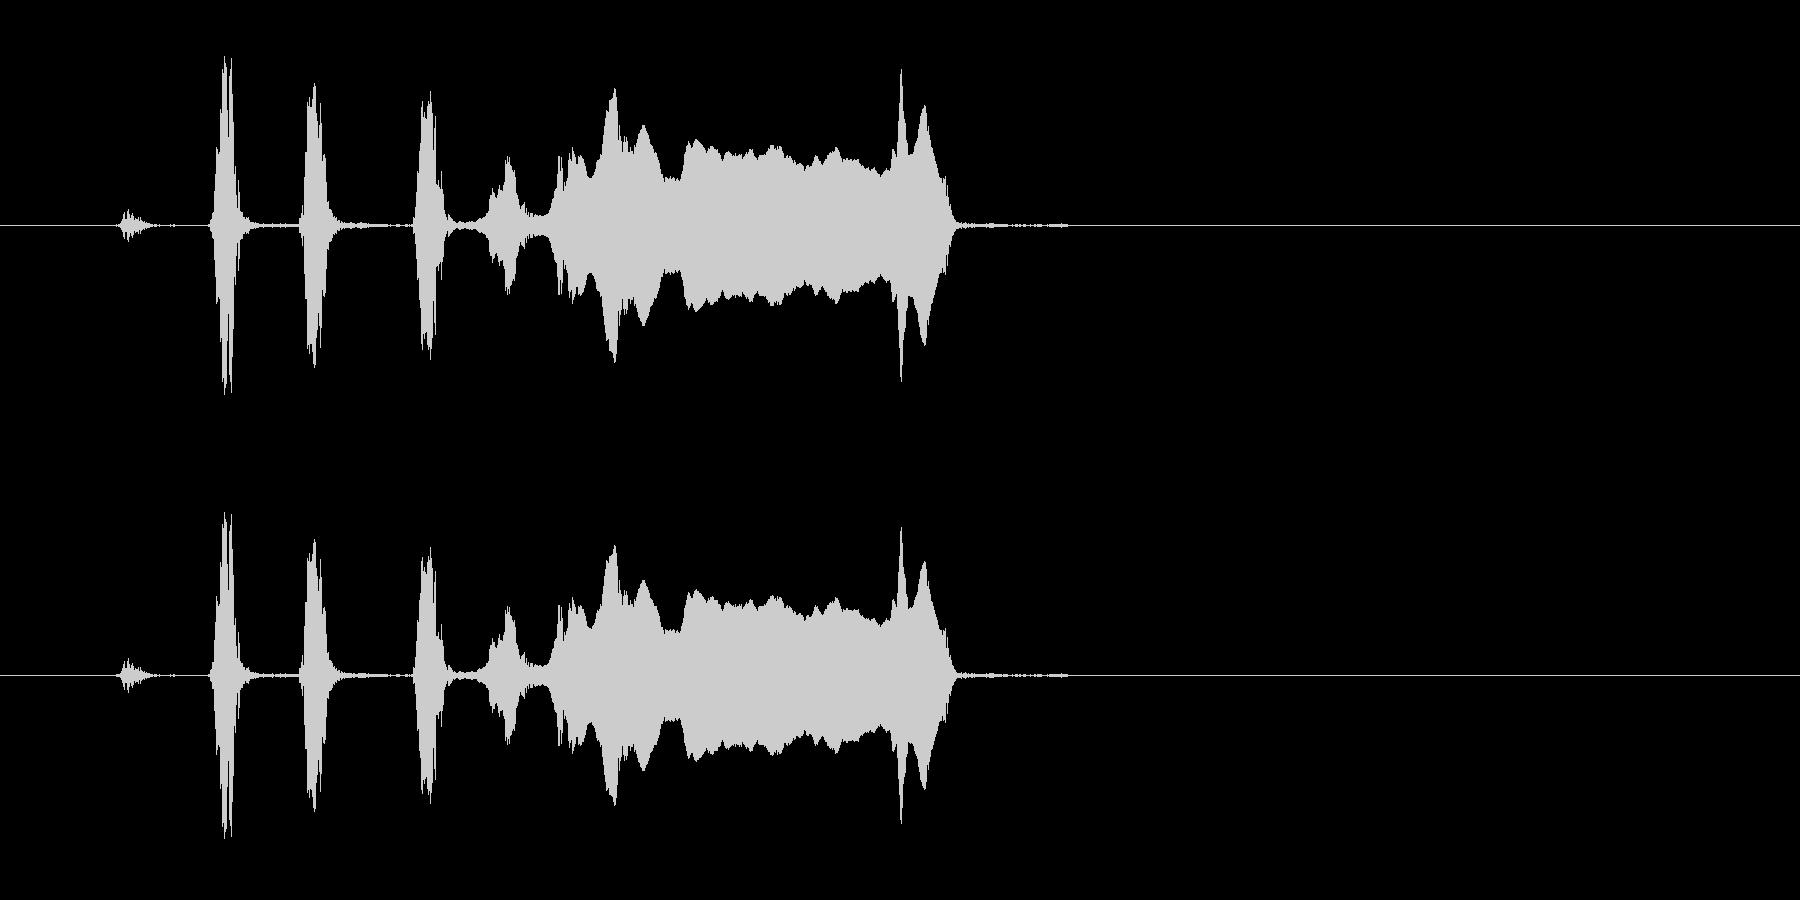 コヨーテハウル。 2つの短いYel...の未再生の波形